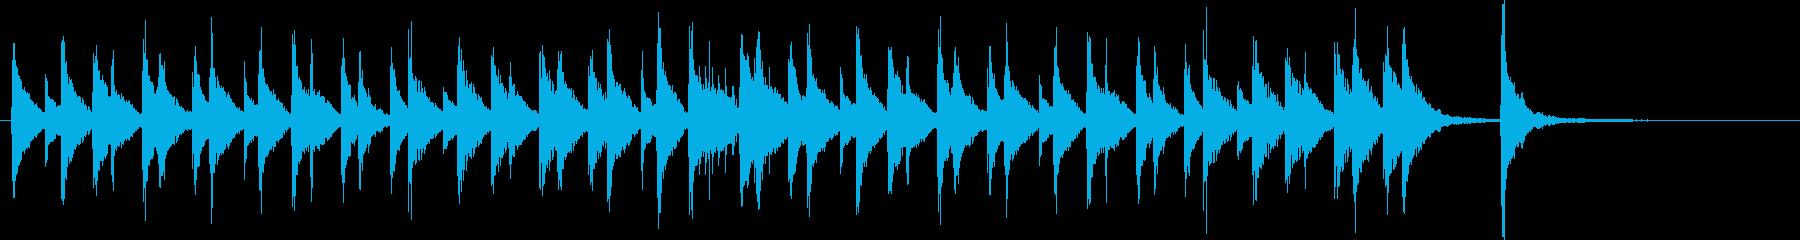 ほのぼの明るいウクレレと木琴のジングルの再生済みの波形